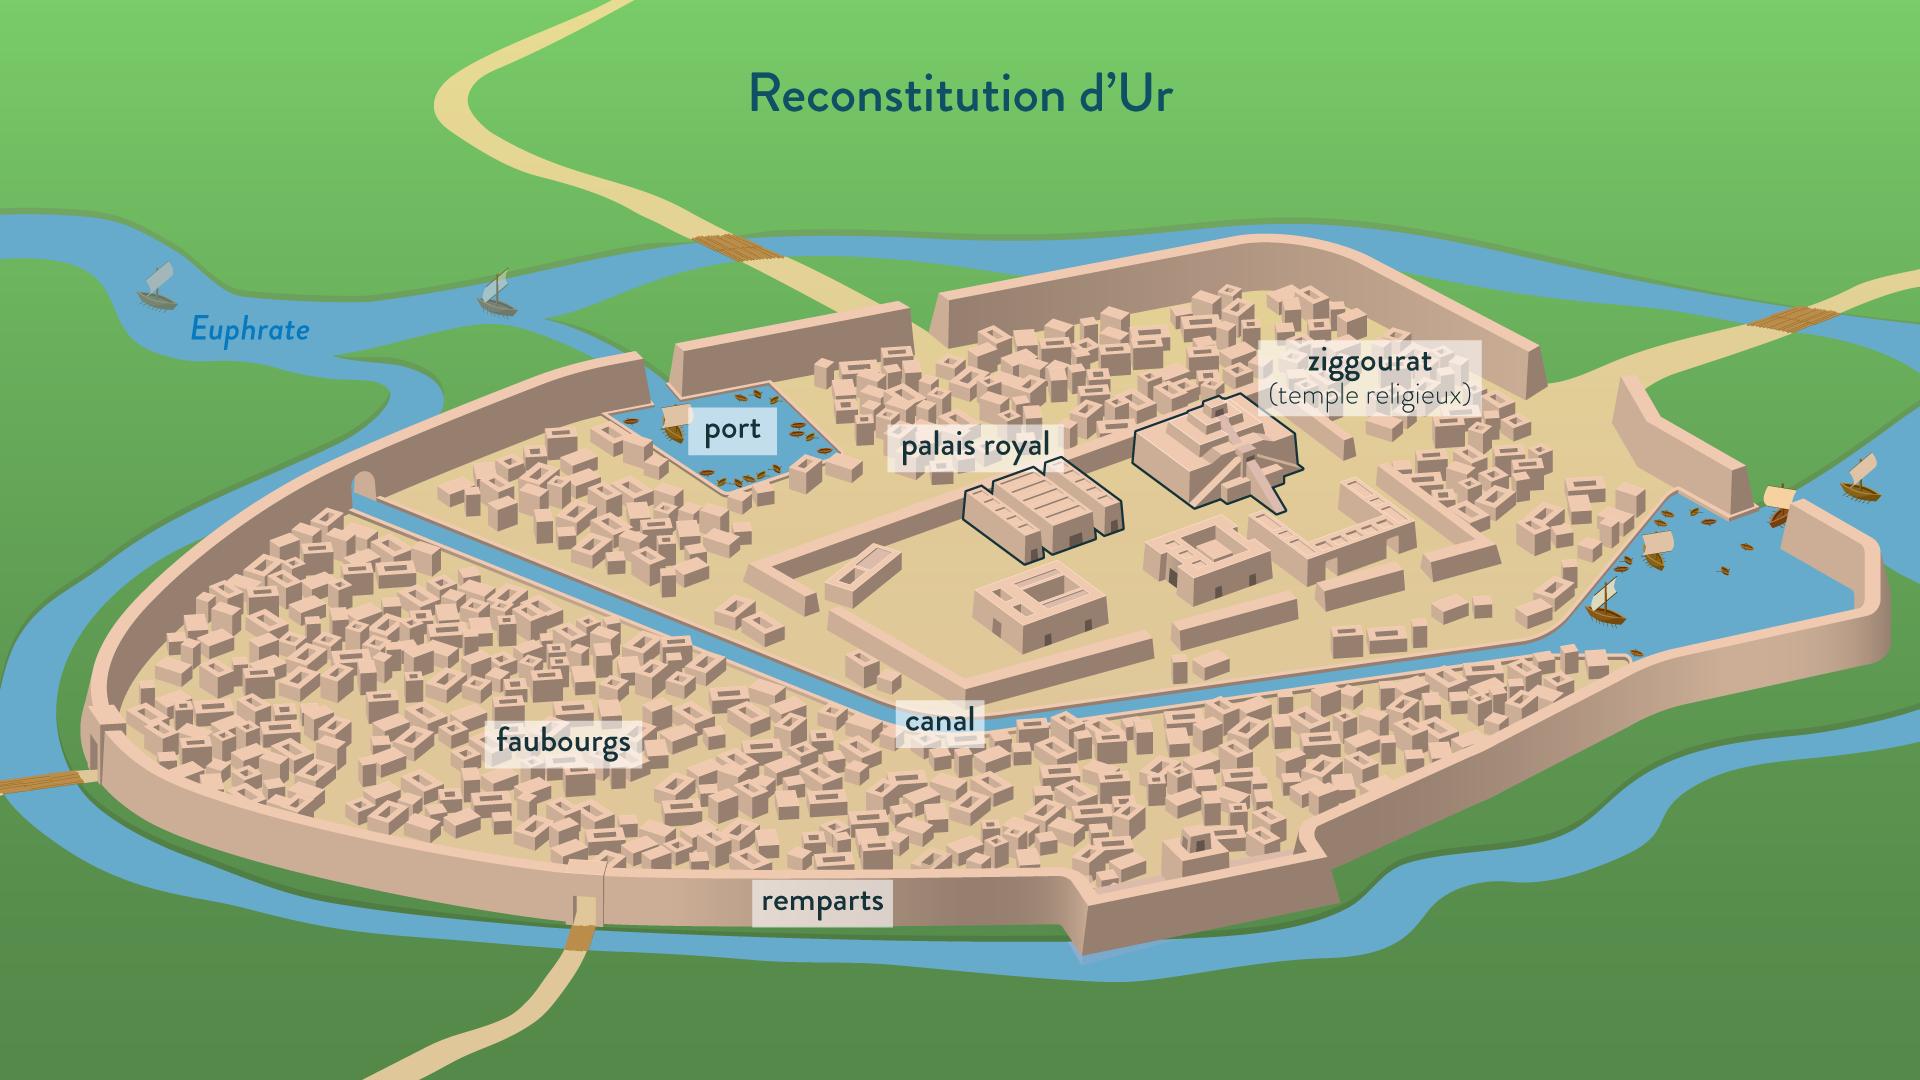 Reconstitution de la cité d'Ur-6e-Histoire